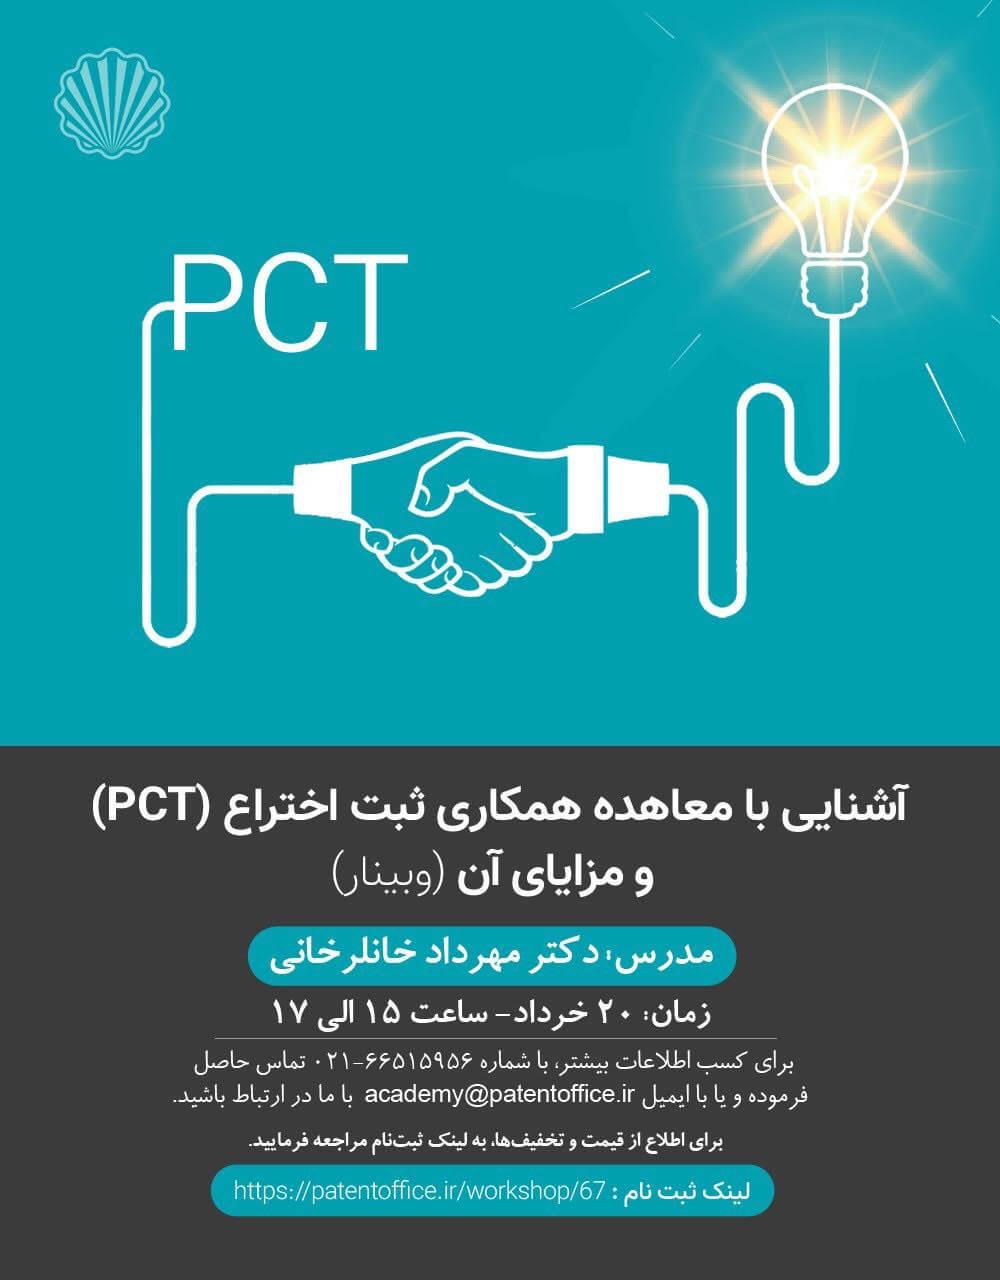 وبینار در رابطه با معاهده ثبت اختراع pct